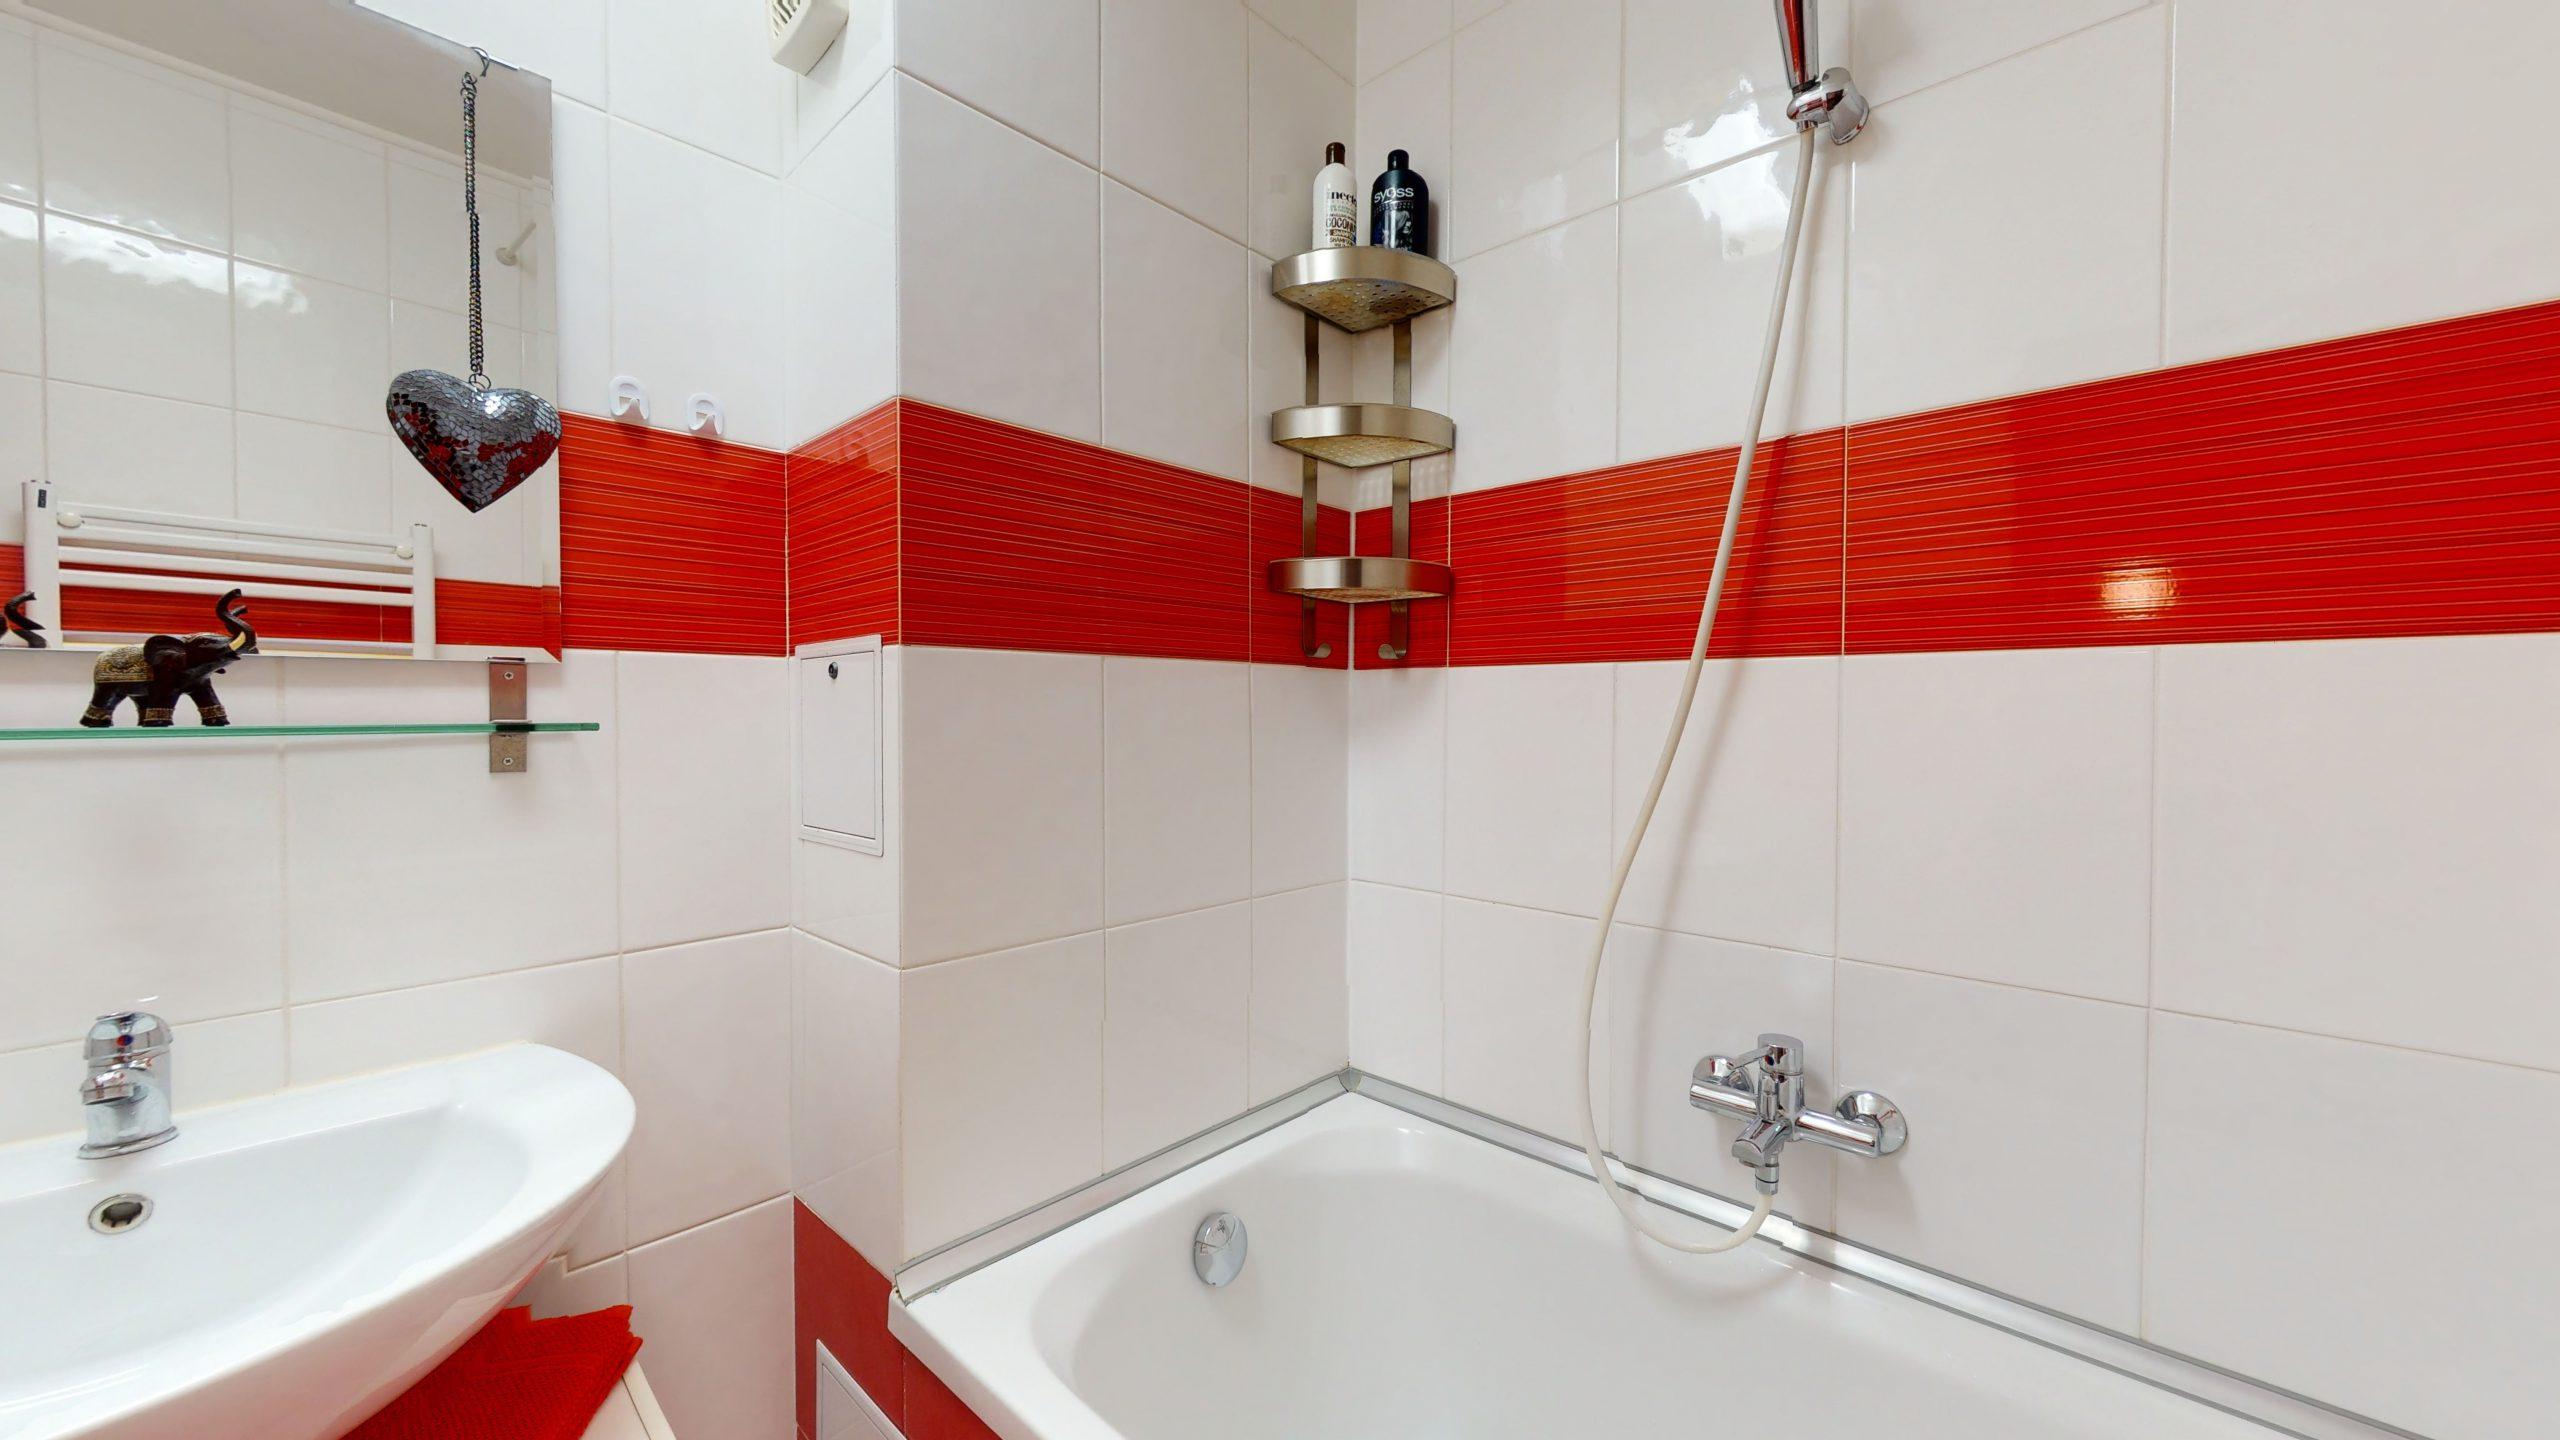 25-Zimmer-Wohnung-in-Stuttgart-Zuffenhausen-08112020_161640